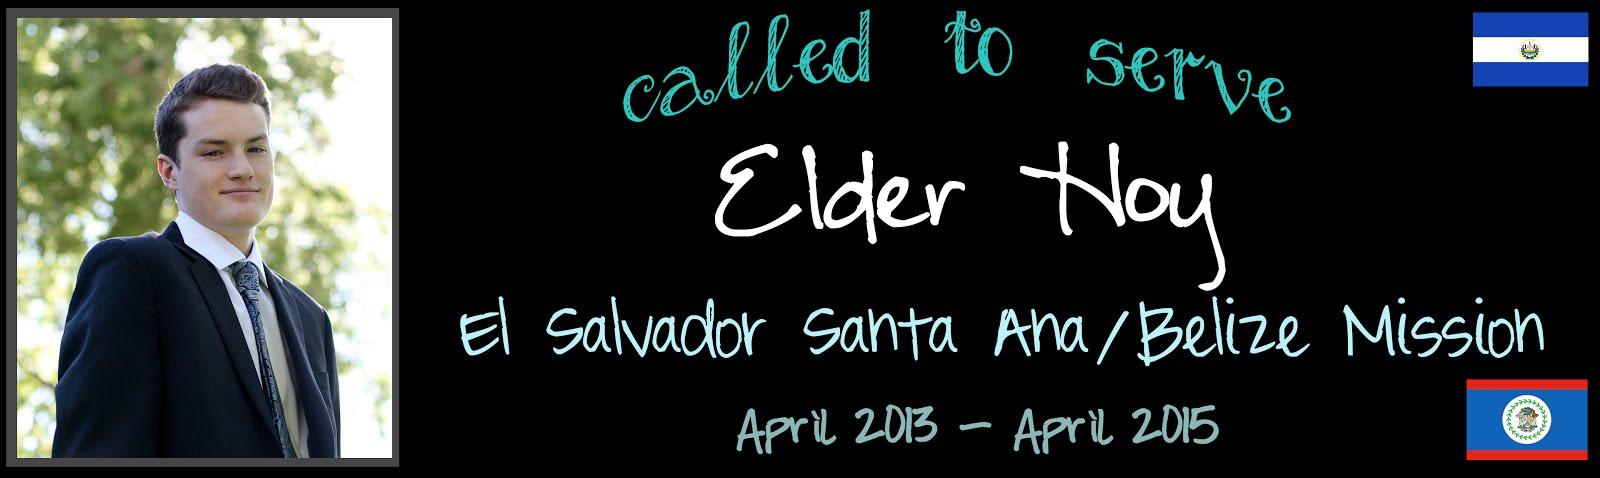 Elder Hoy